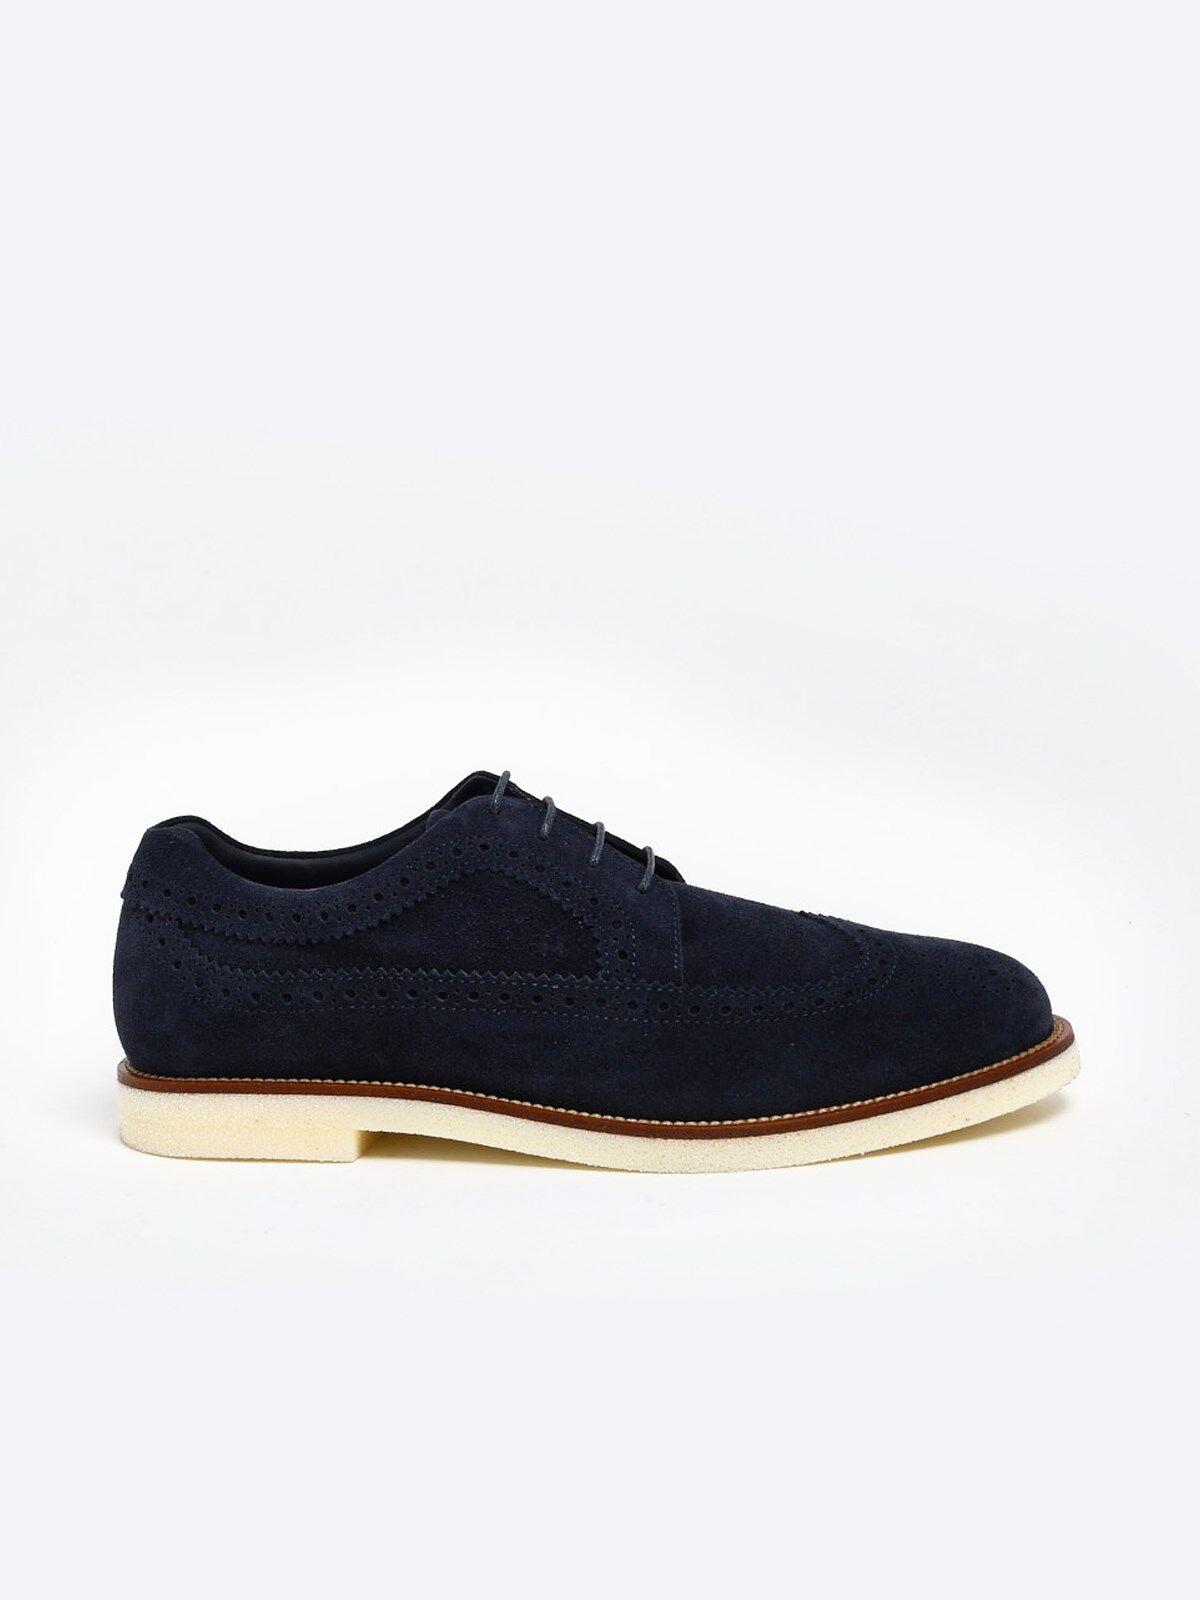 HOGAN Blue Shoes (size: UK 10)